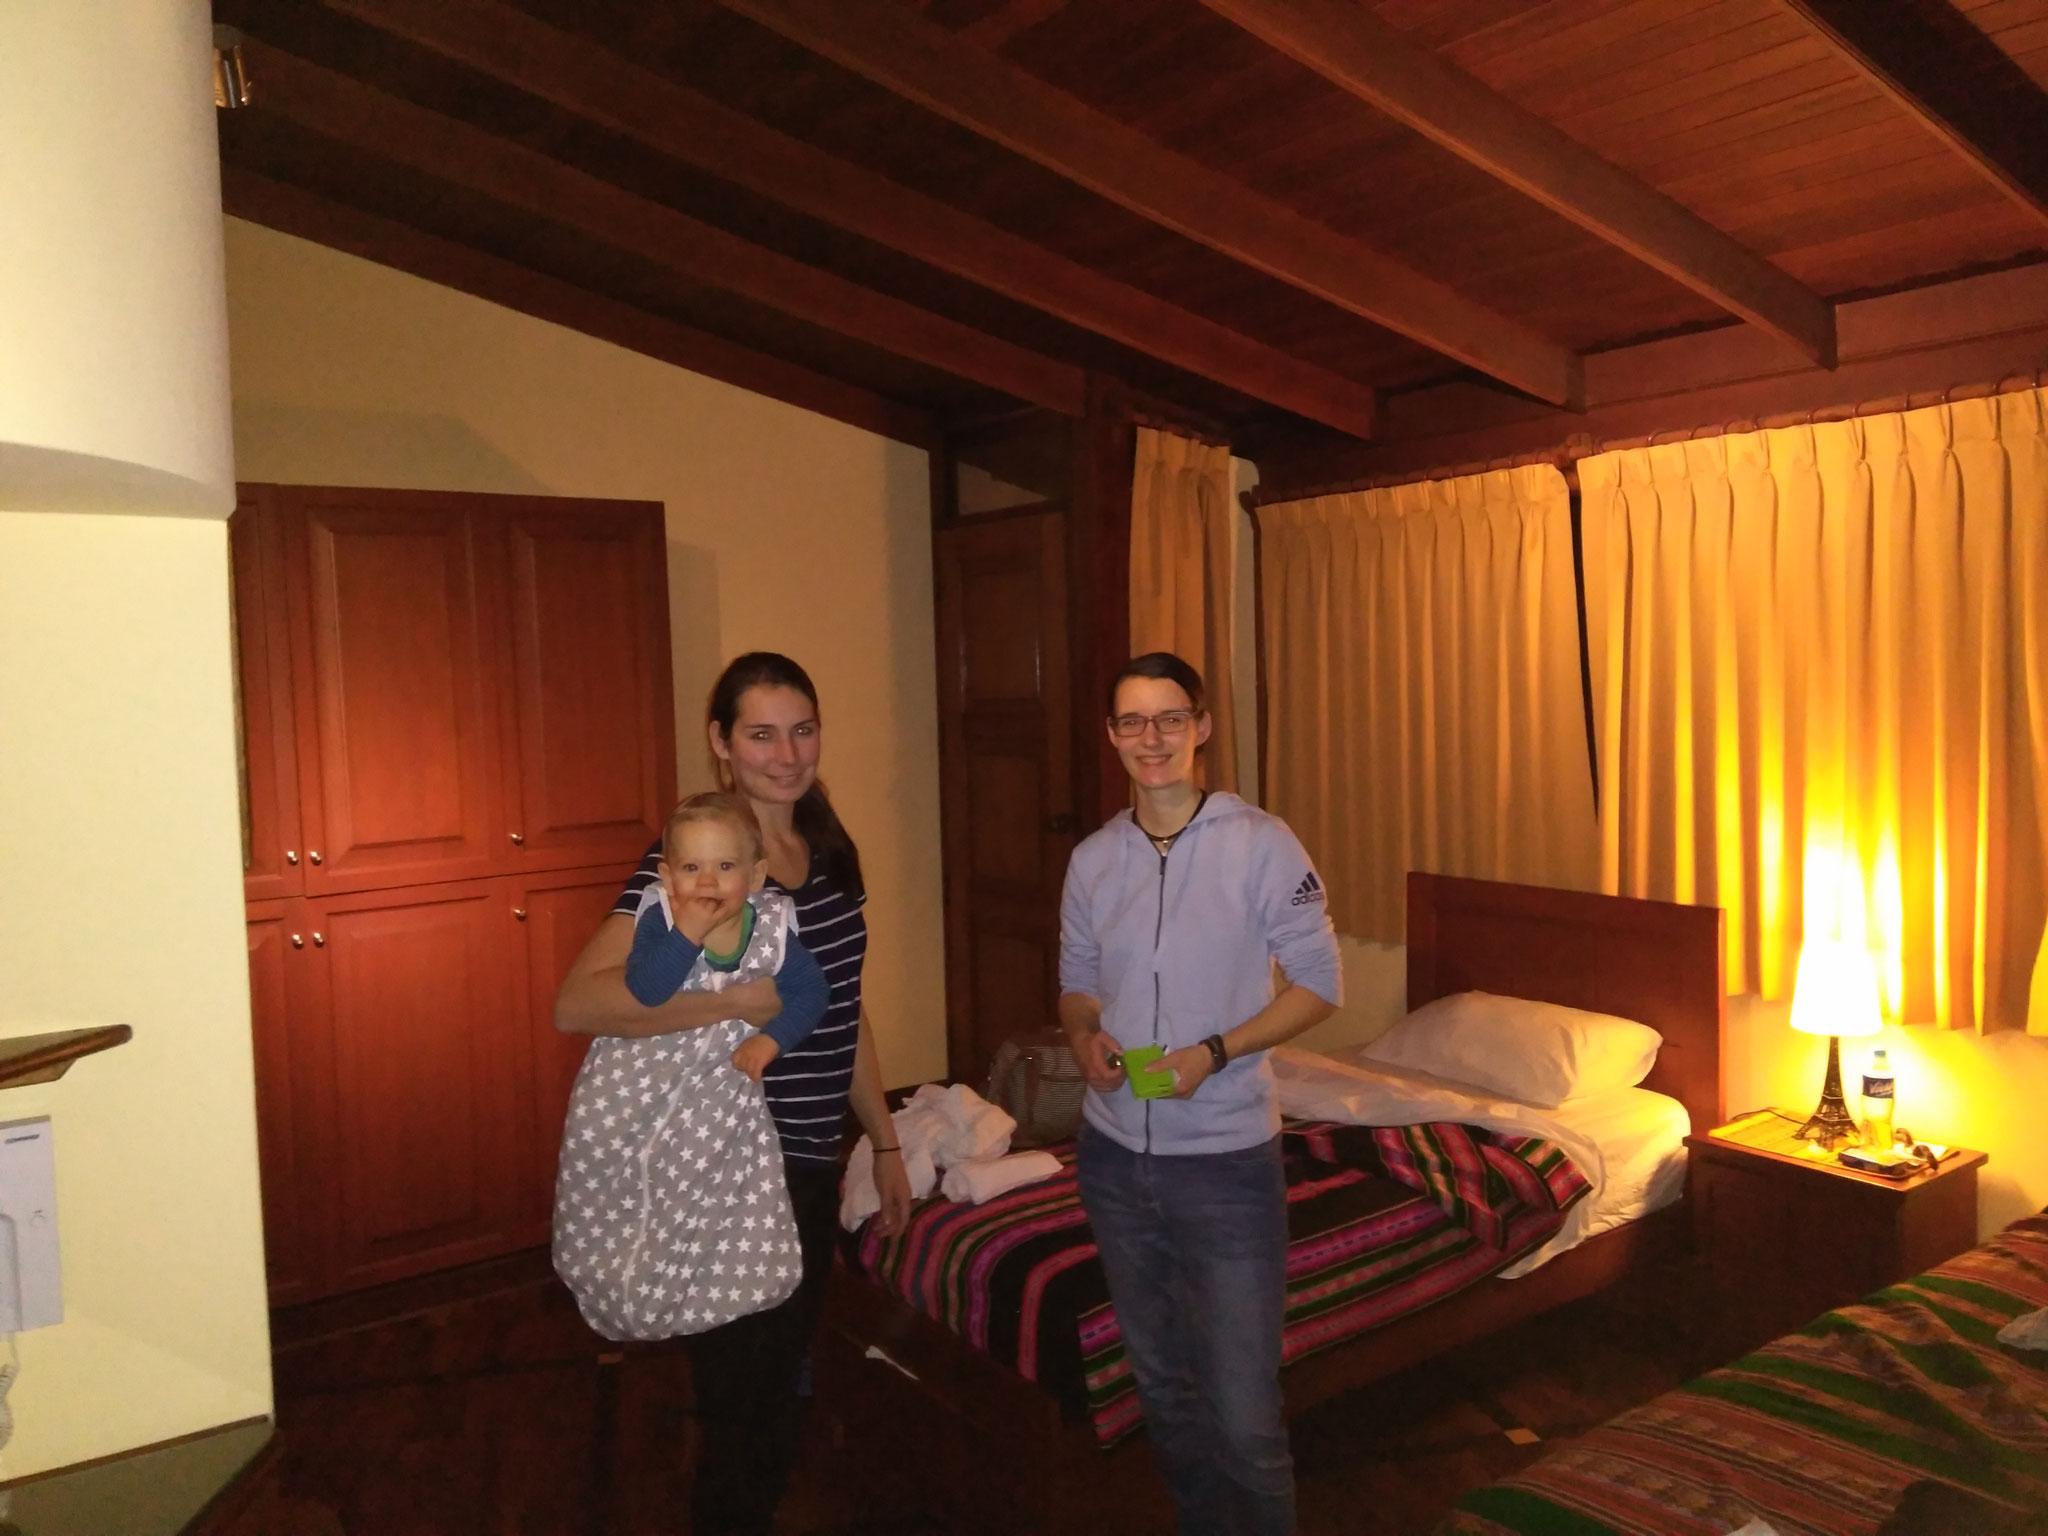 Wir sind richtig glücklich, dass die Reise so schnell und problemlos ablief und genießen jetzt einfach ein paar Tage die beeindruckende Hauptstadt Perus.